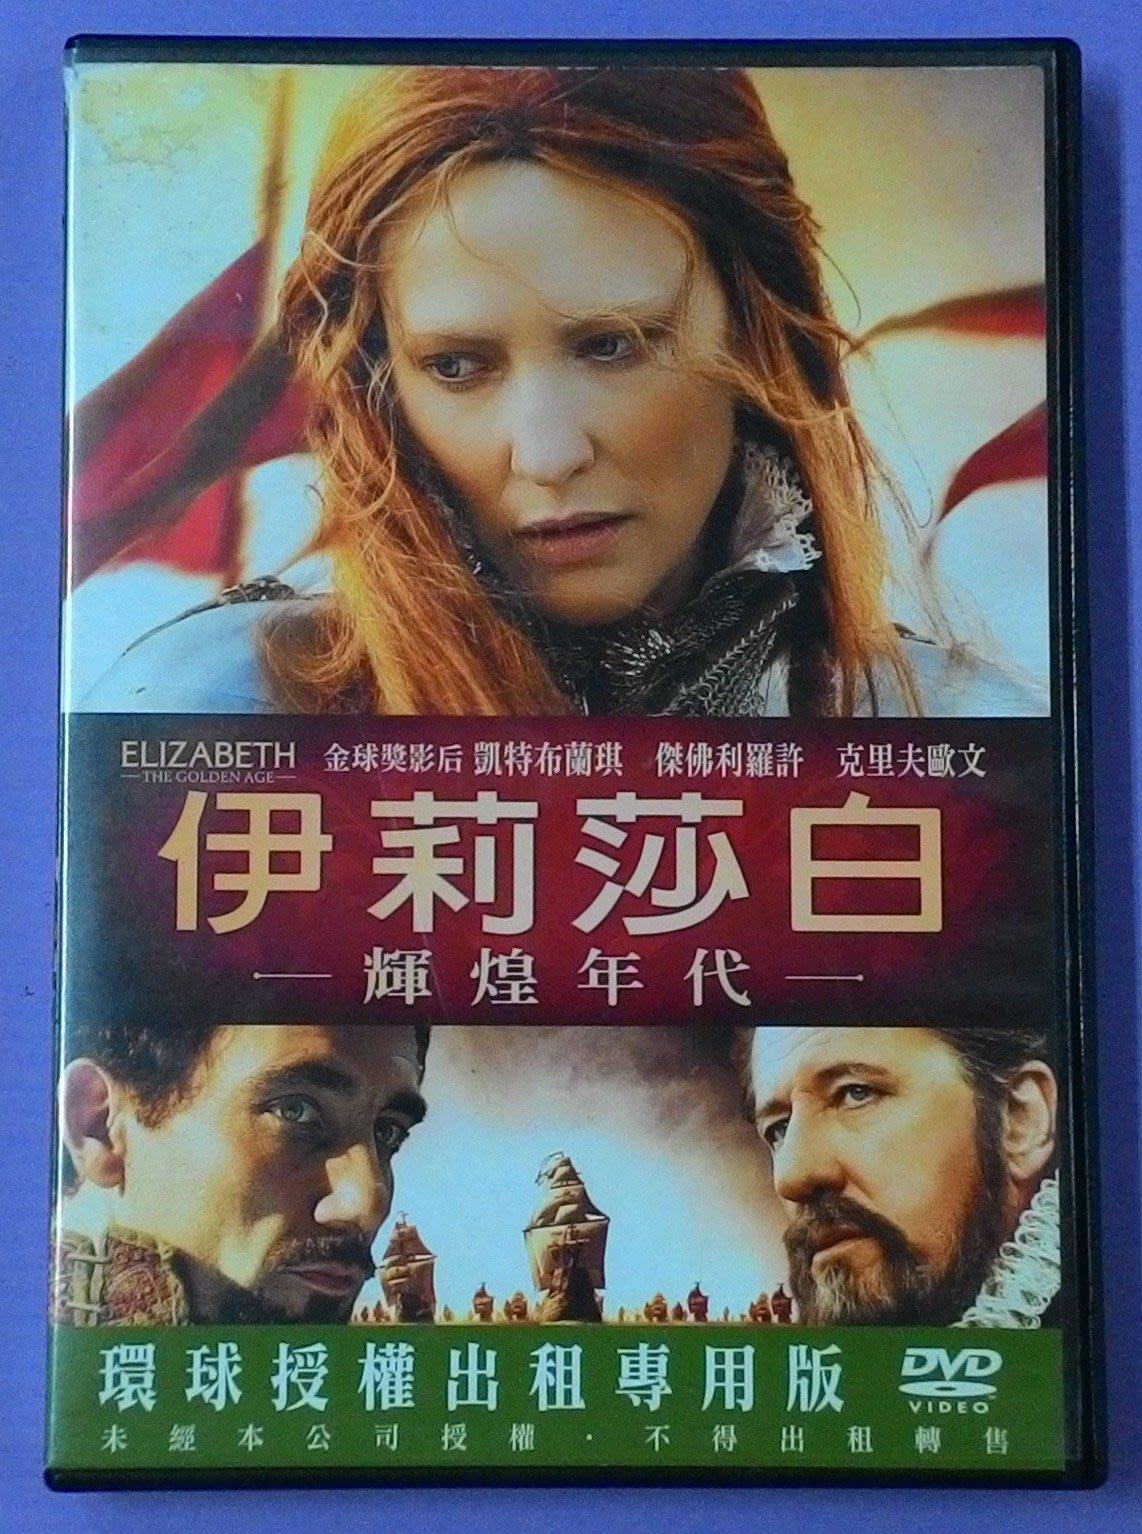 【大謙】《 伊莉莎白 輝煌年代~奧斯卡最佳女主角提名.奧斯卡最佳服裝設計 》台灣正版二手DVD